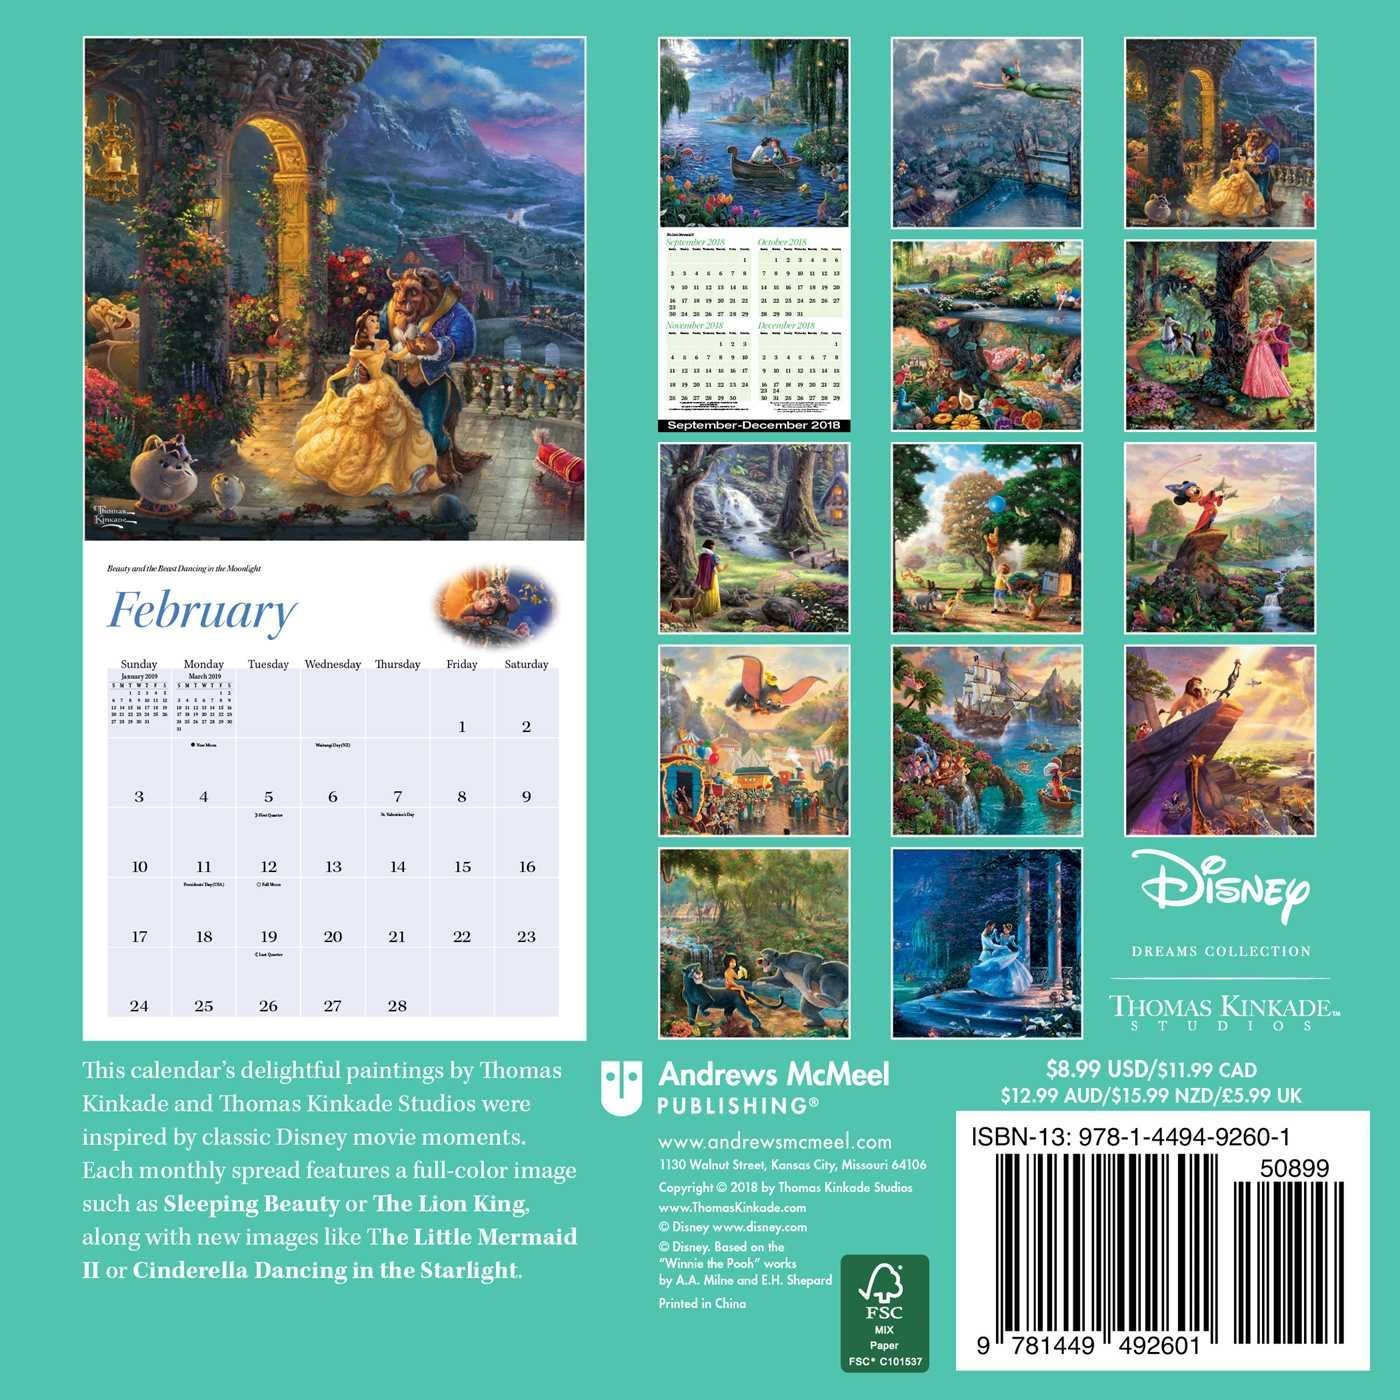 Disney Dreams Collection 2019 Mini Wall Calendar - Disneyland.shopping Calendar 2019 Disney